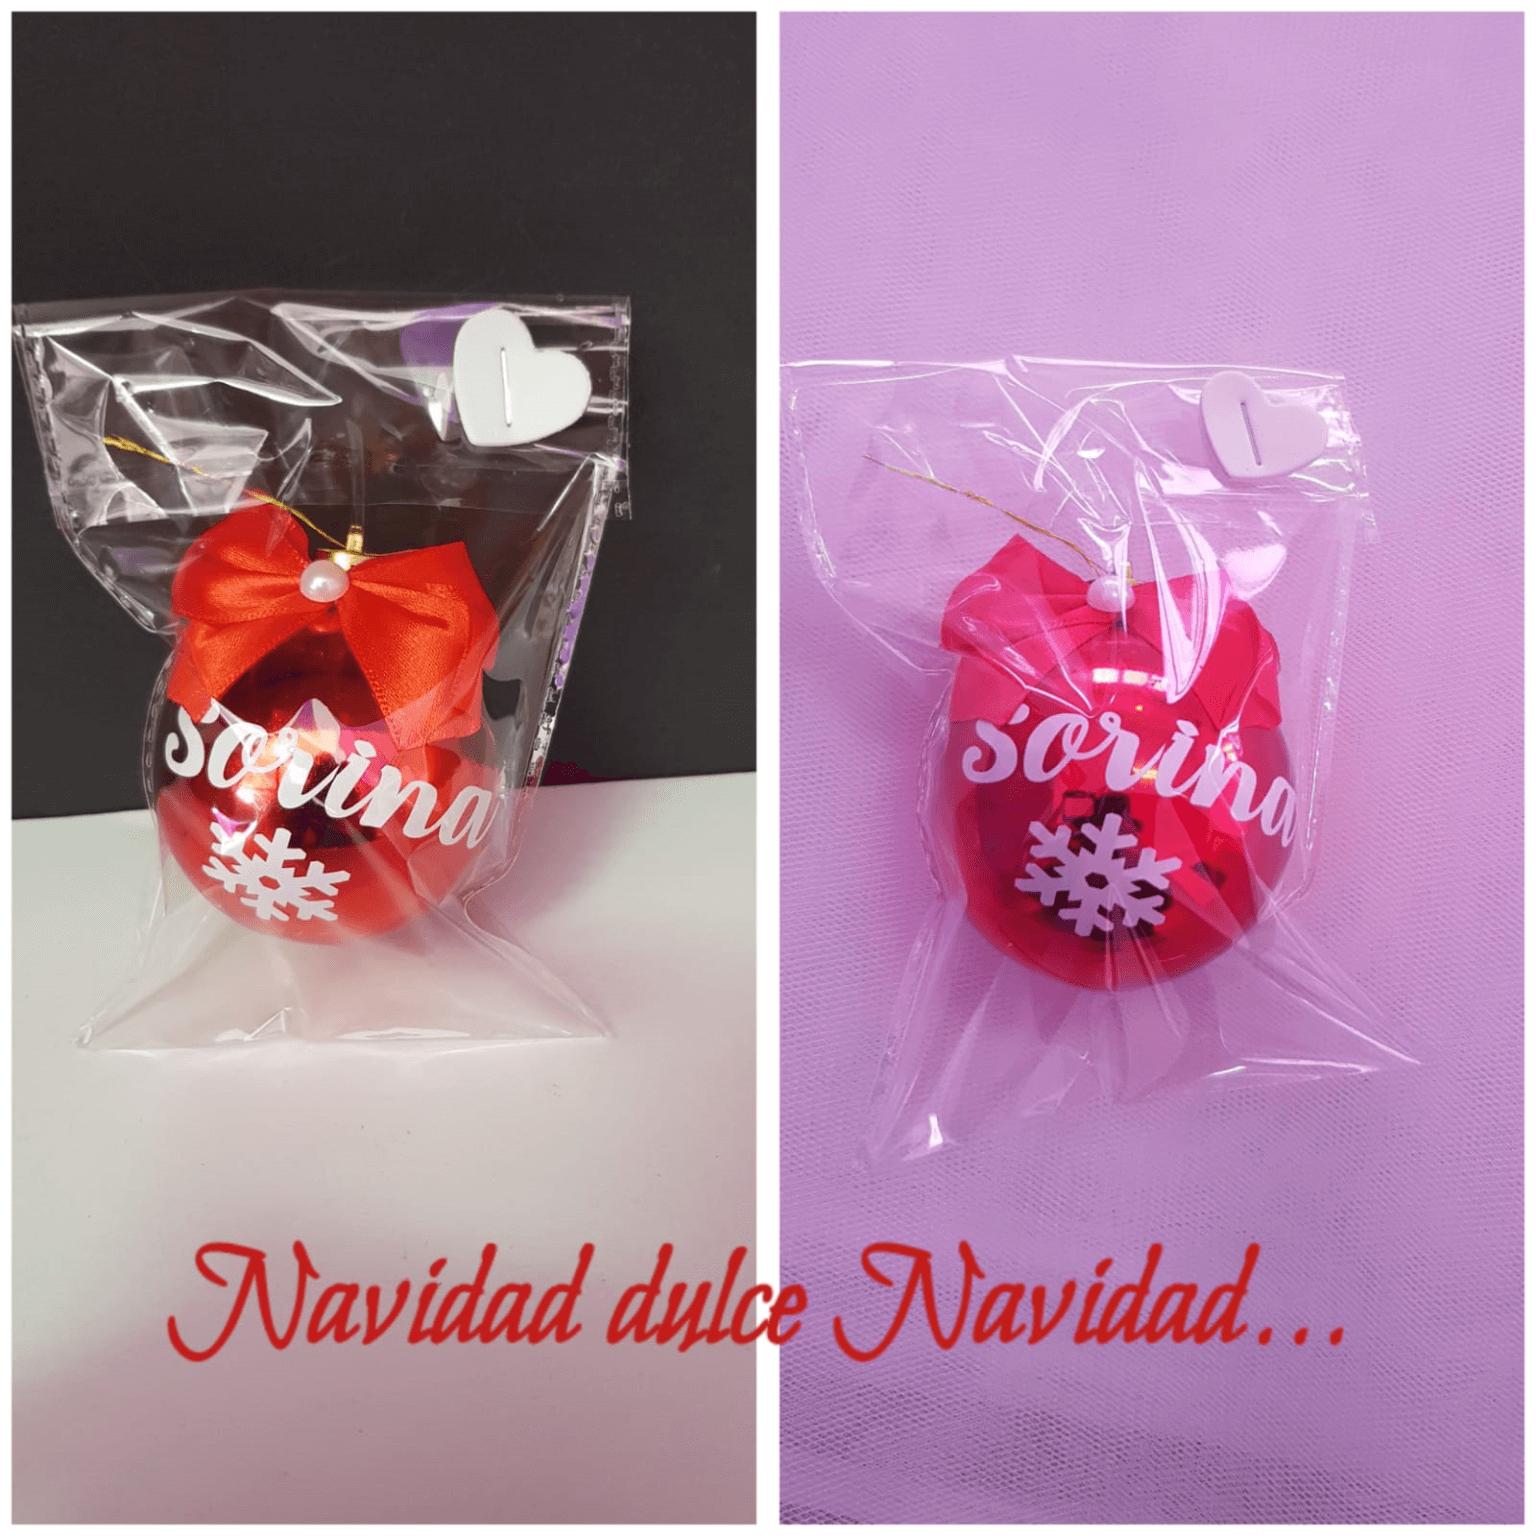 bolas de navidad personalizadas regalos personalizados bolas de navidad personalizadas - bolas de navidad personalizadas regalos personalizados porlanovia 1 - bolas de navidad personalizadas regalos personalizados